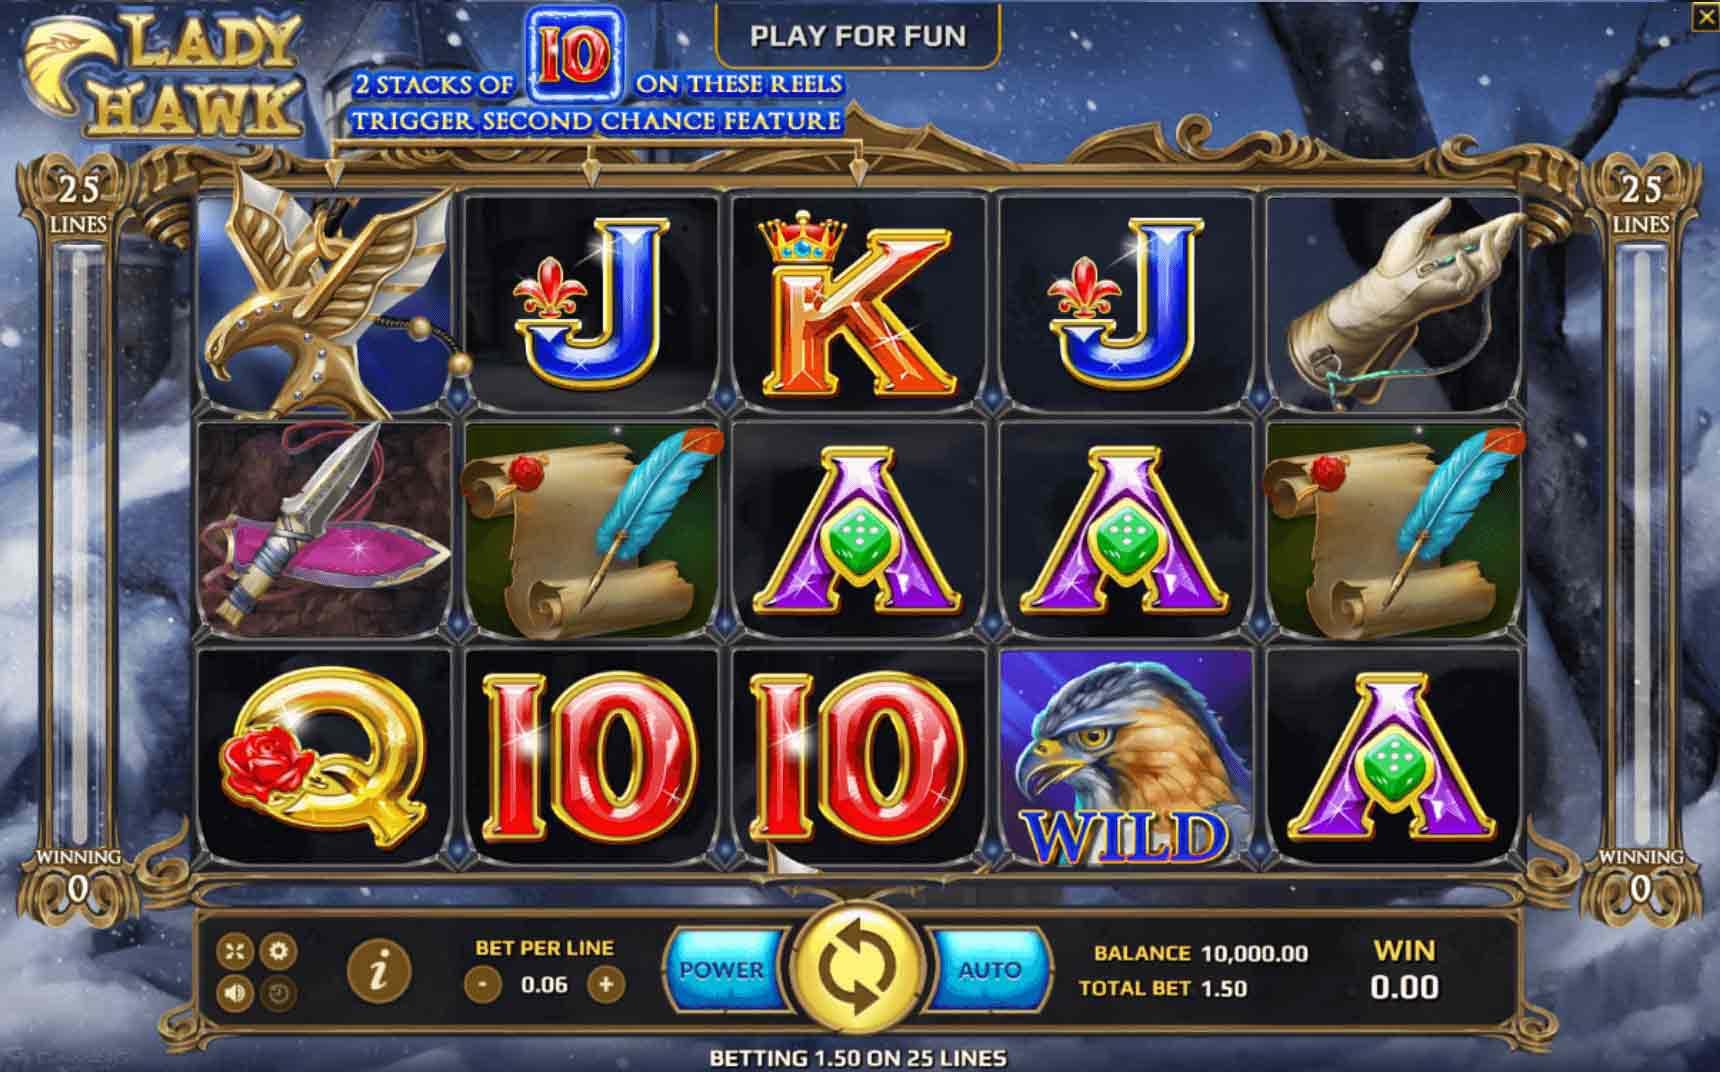 5 เกมสล็อตเล่นได้เงิน จาก Sharkslot-Lady-hawk-Gametips